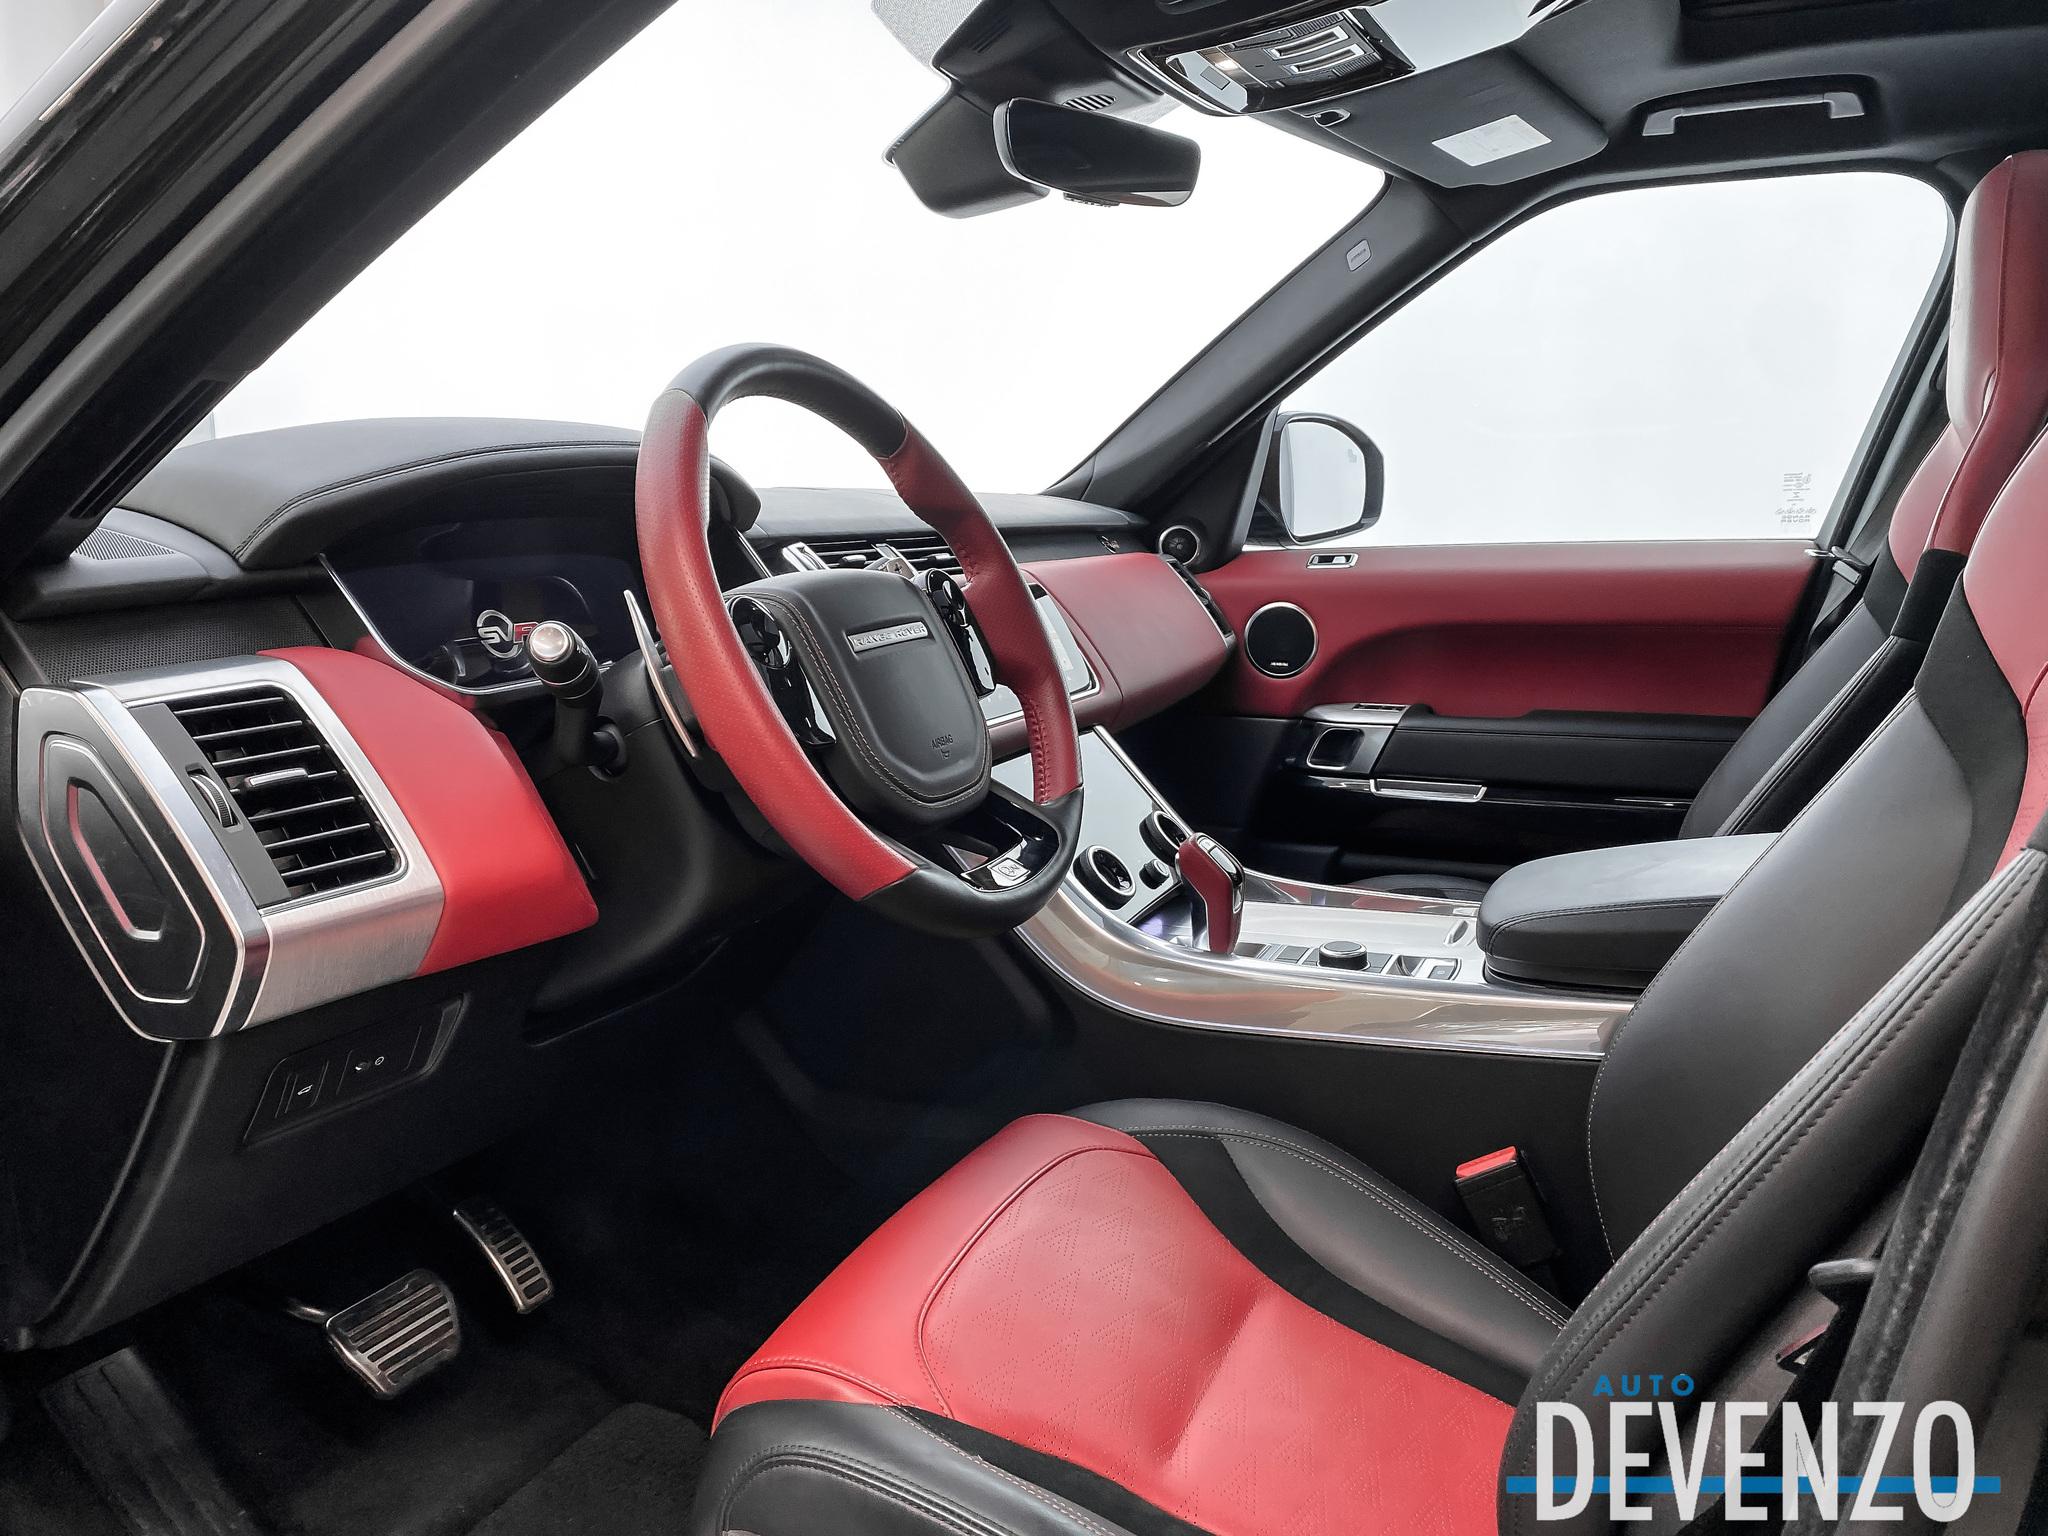 2020 Land Rover Range Rover Sport V8 Supercharged SVR 575HP complet